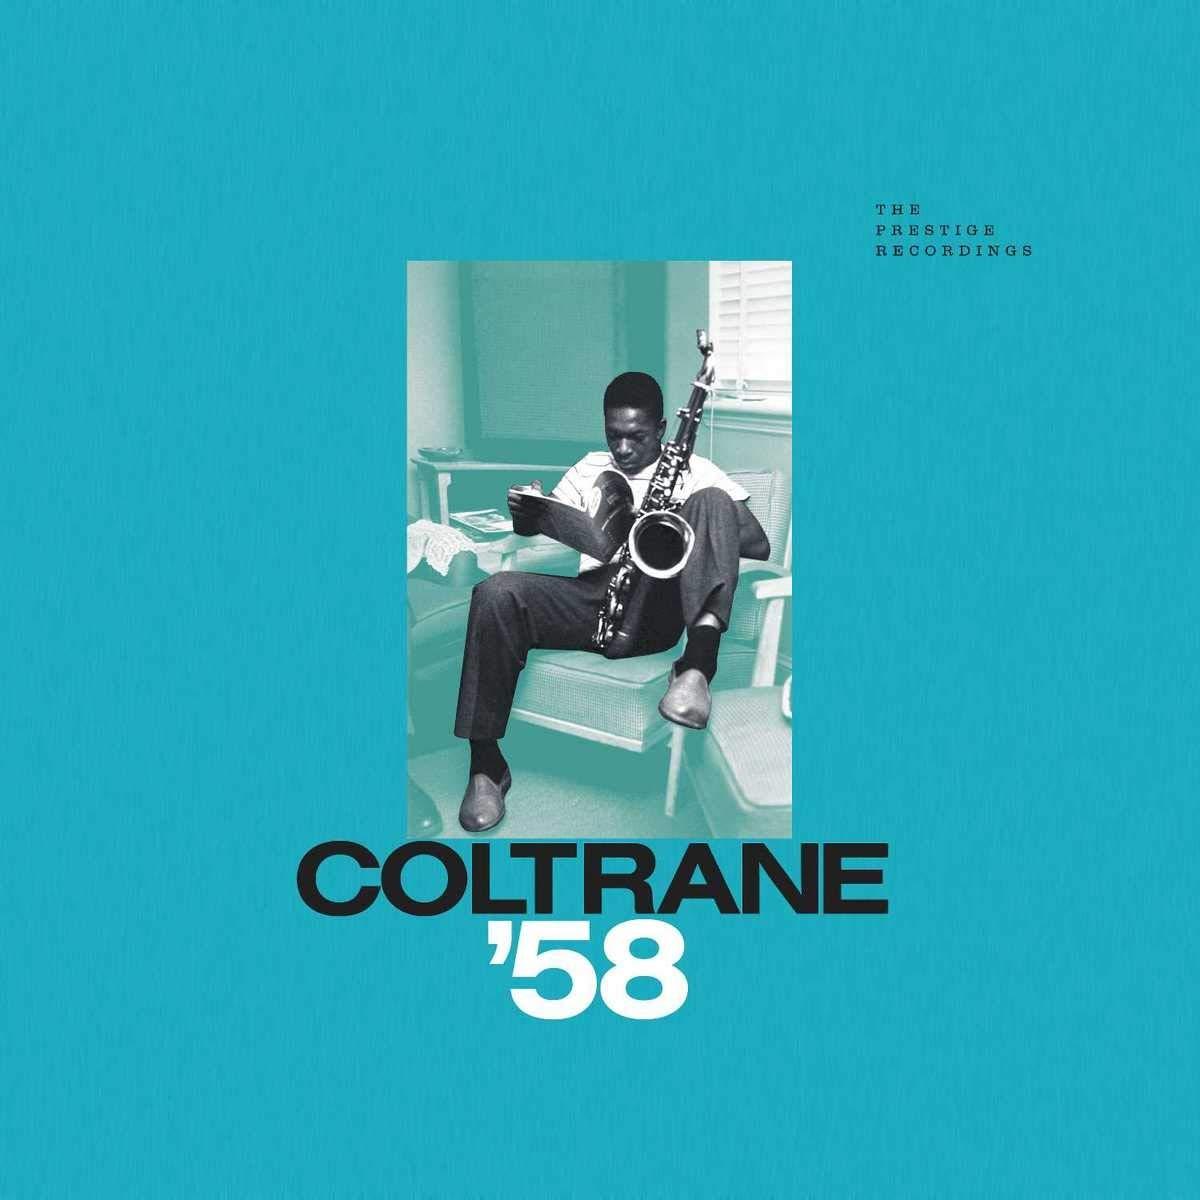 Coltrane '58: Prestige Recordings [5 CD] by CONCORD